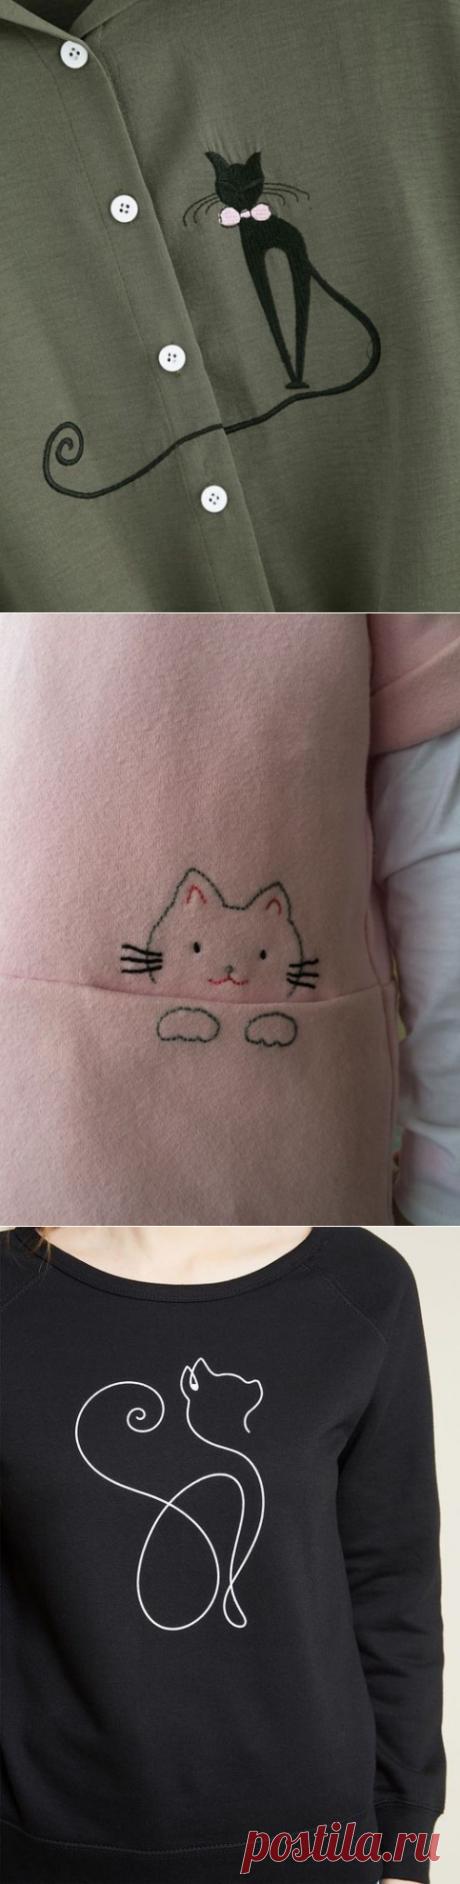 Как украсить одежду котиками